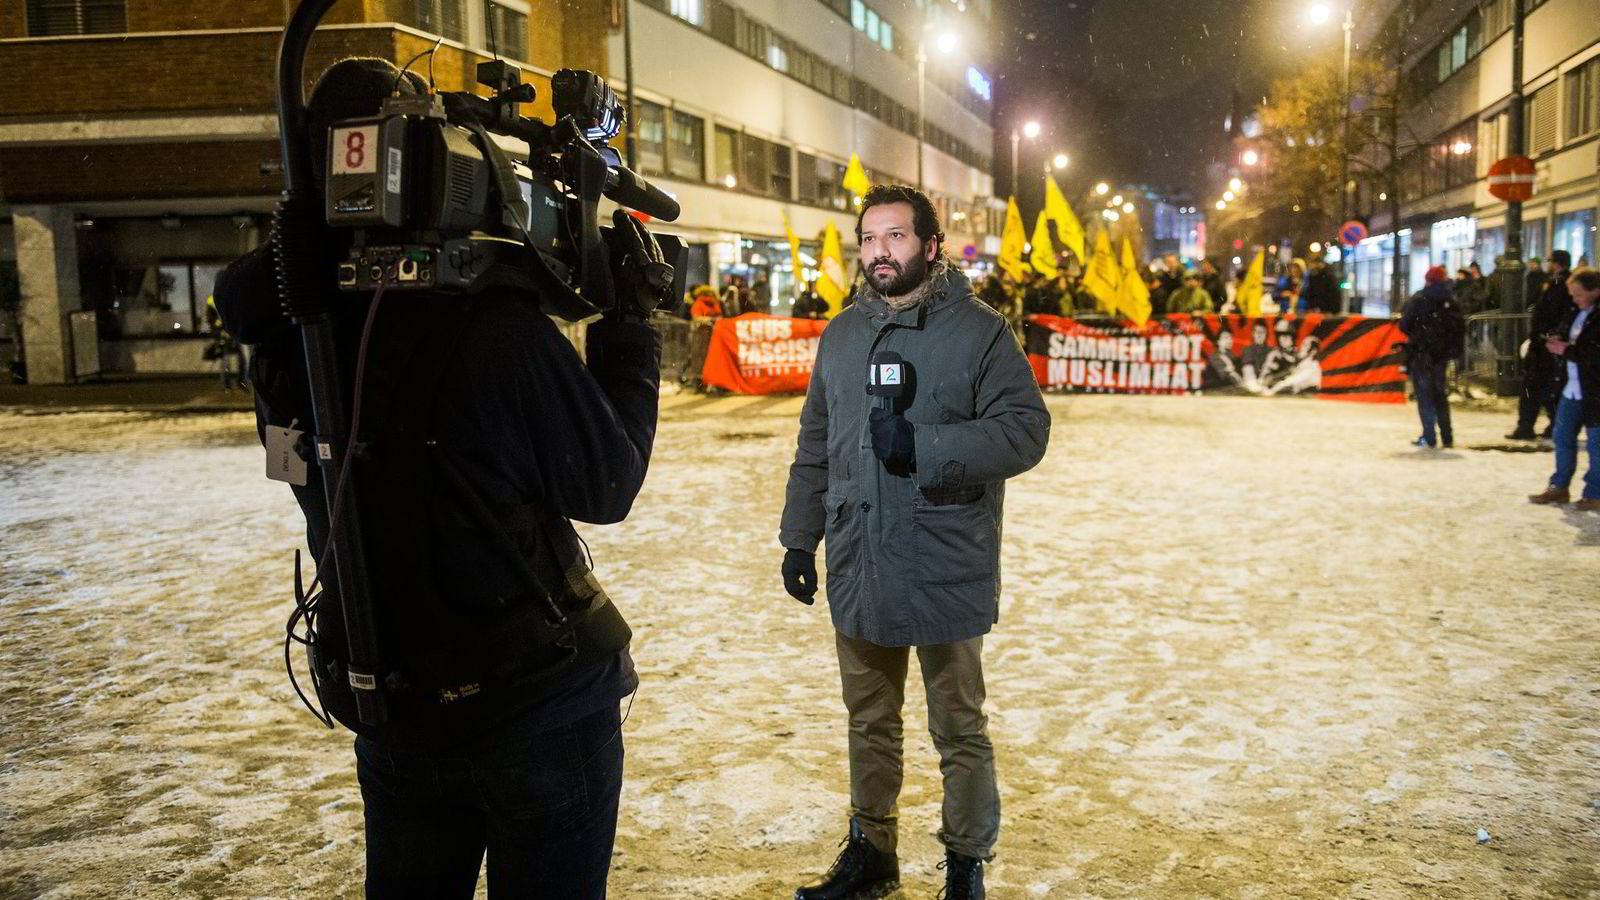 TV2 reporter Kadafi Zaman ble hetset på direkten utenfor Oslo rådhus under Pegida-demonstrasjonen i januar i år. Foto: Fredrik Varfjell /